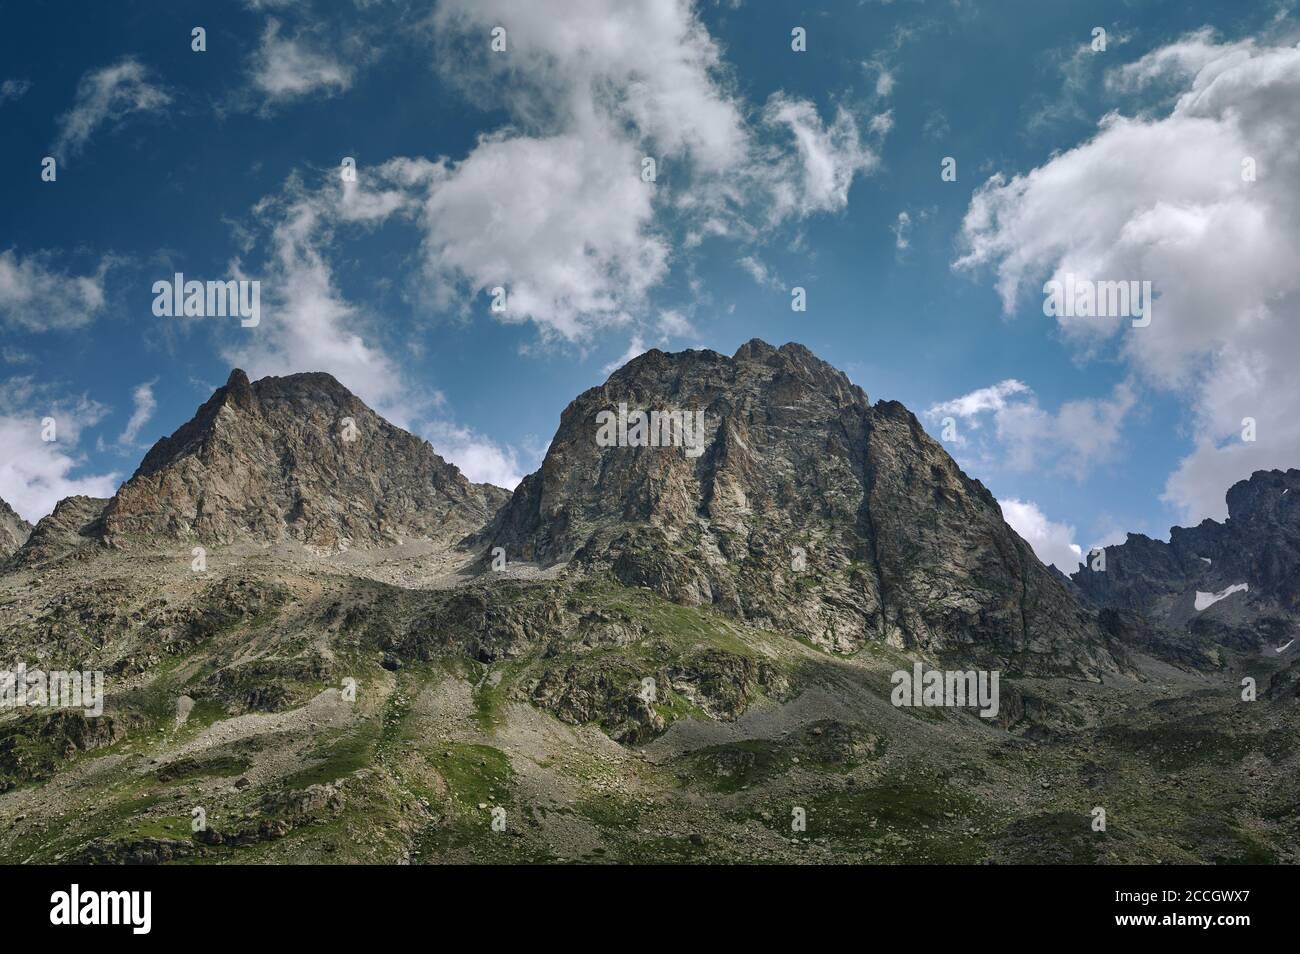 Paysage de haute montagne avec collines rocheuses et nuages blancs. Nature sauvage Banque D'Images